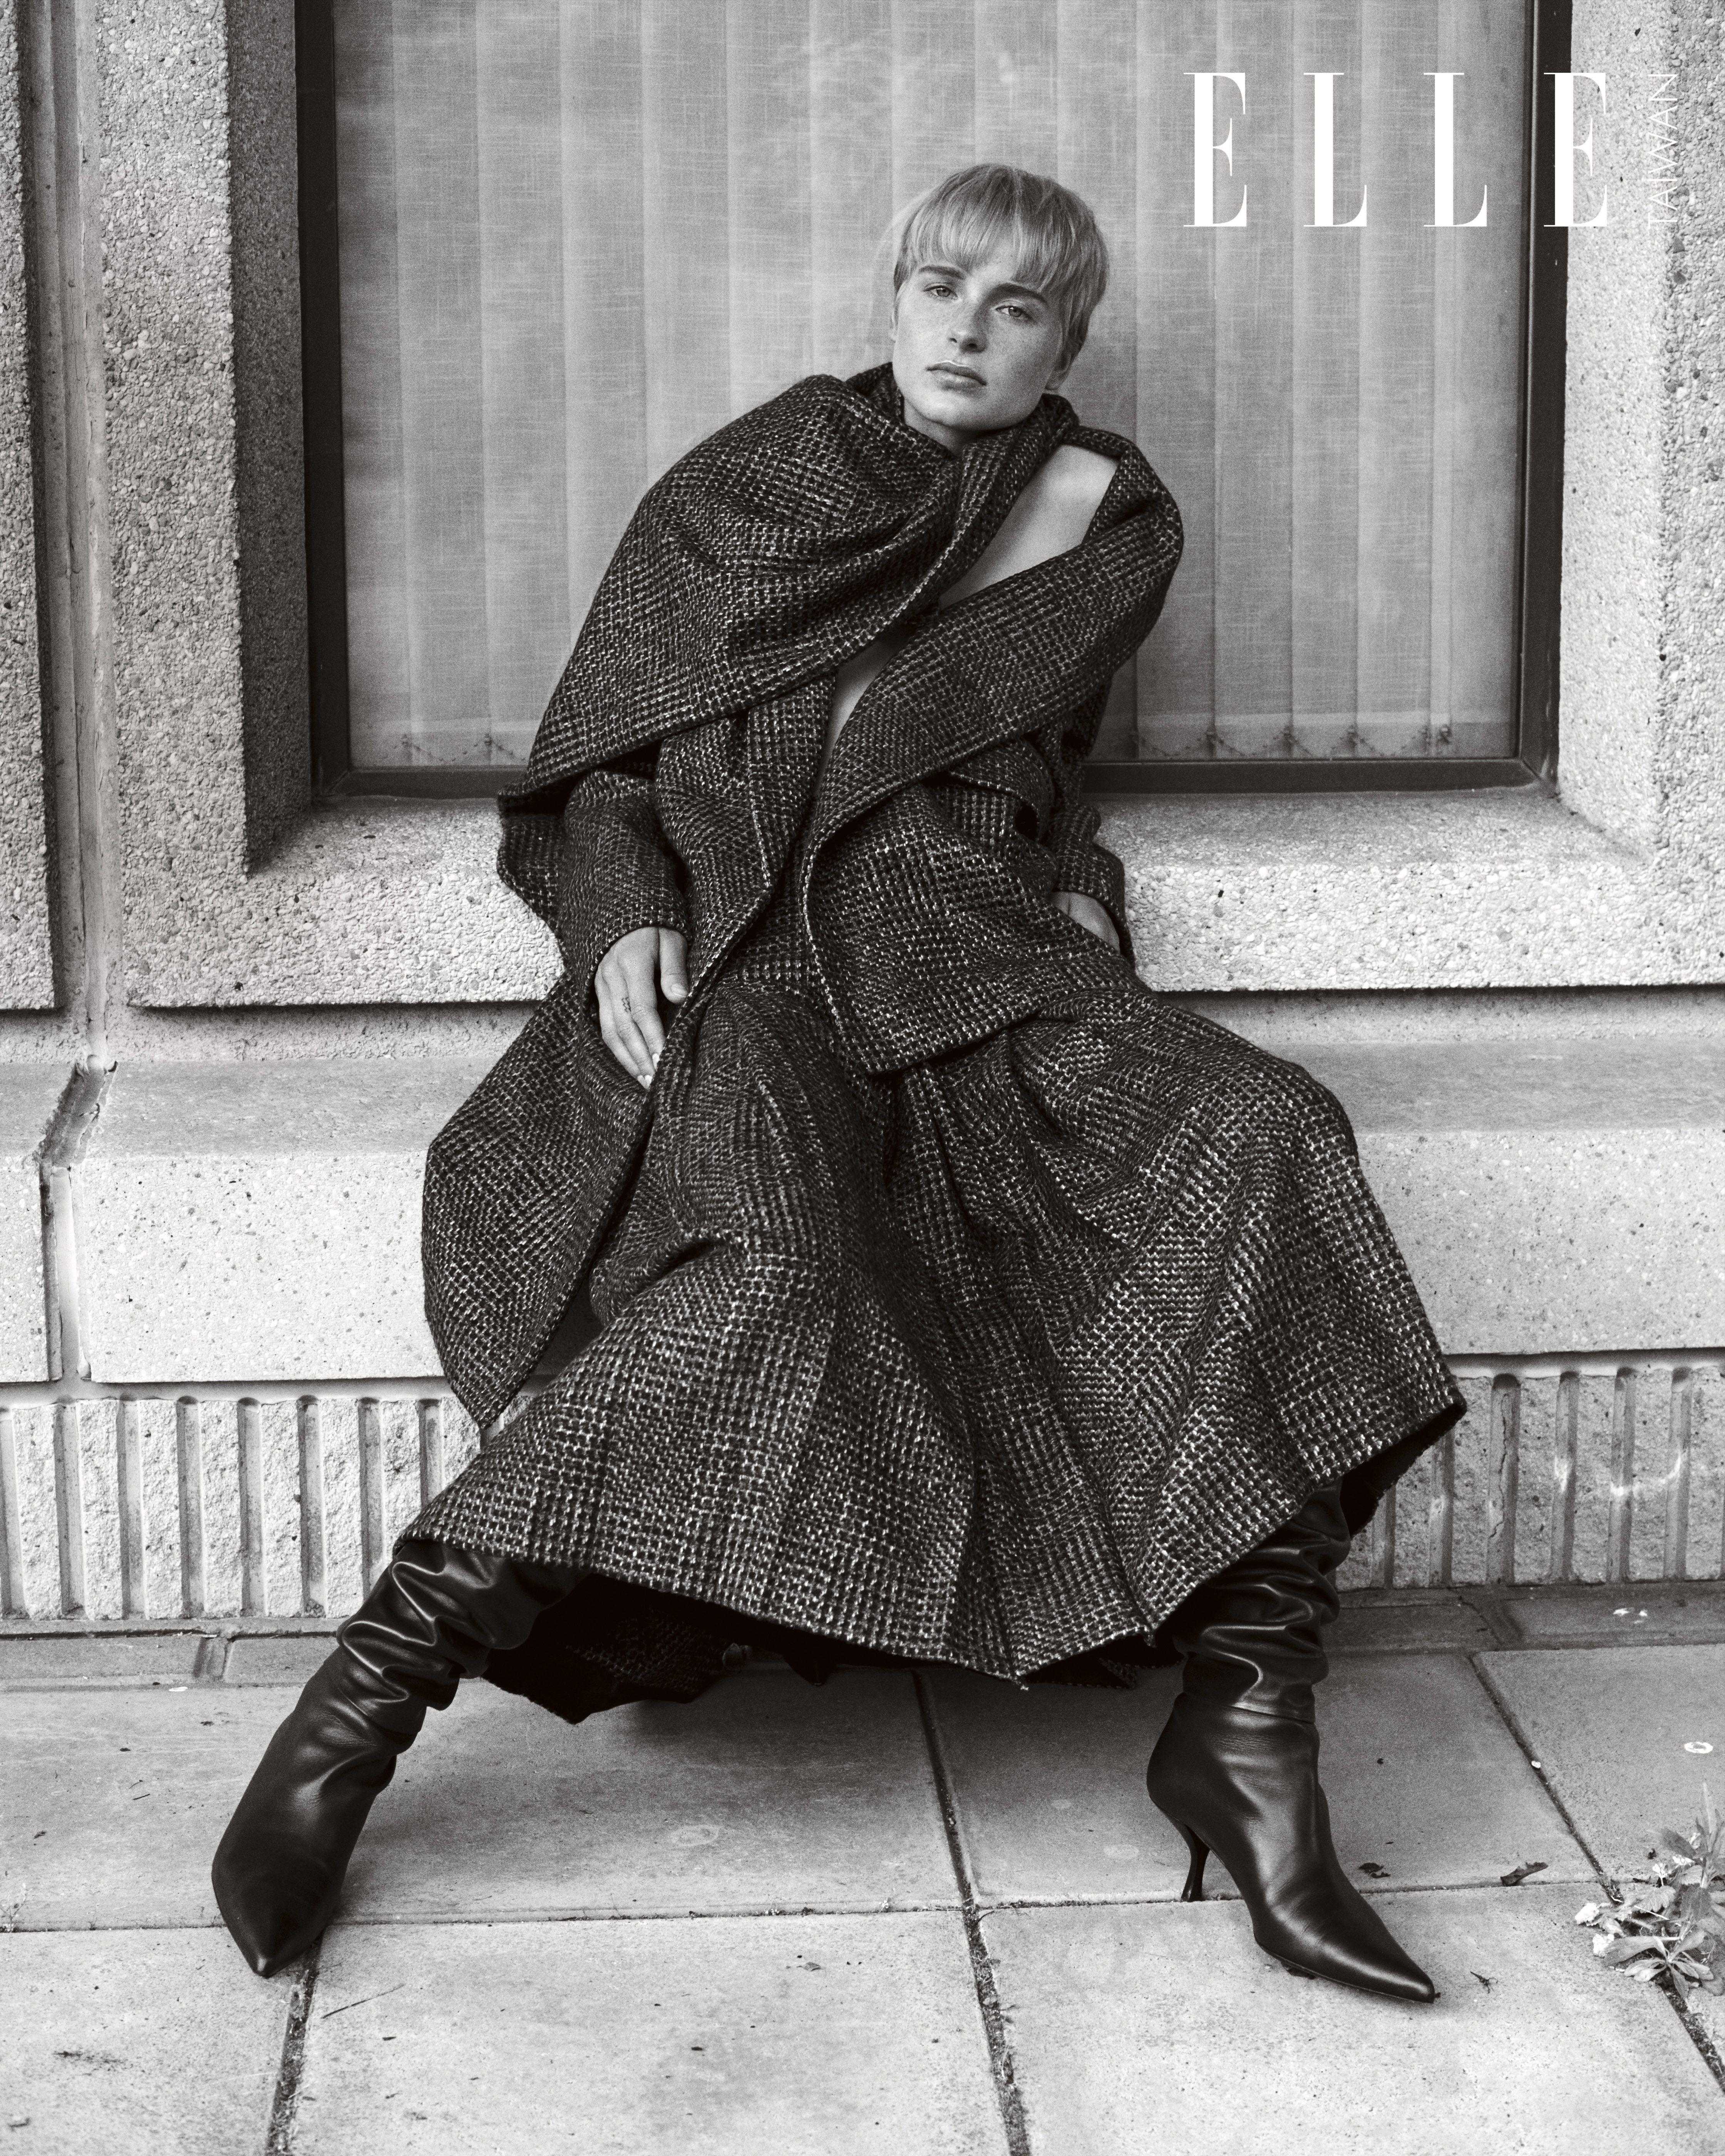 灰色披巾造型格紋外套、壓紋長裙、勃艮第皮靴(ALL BY THE ROW)。